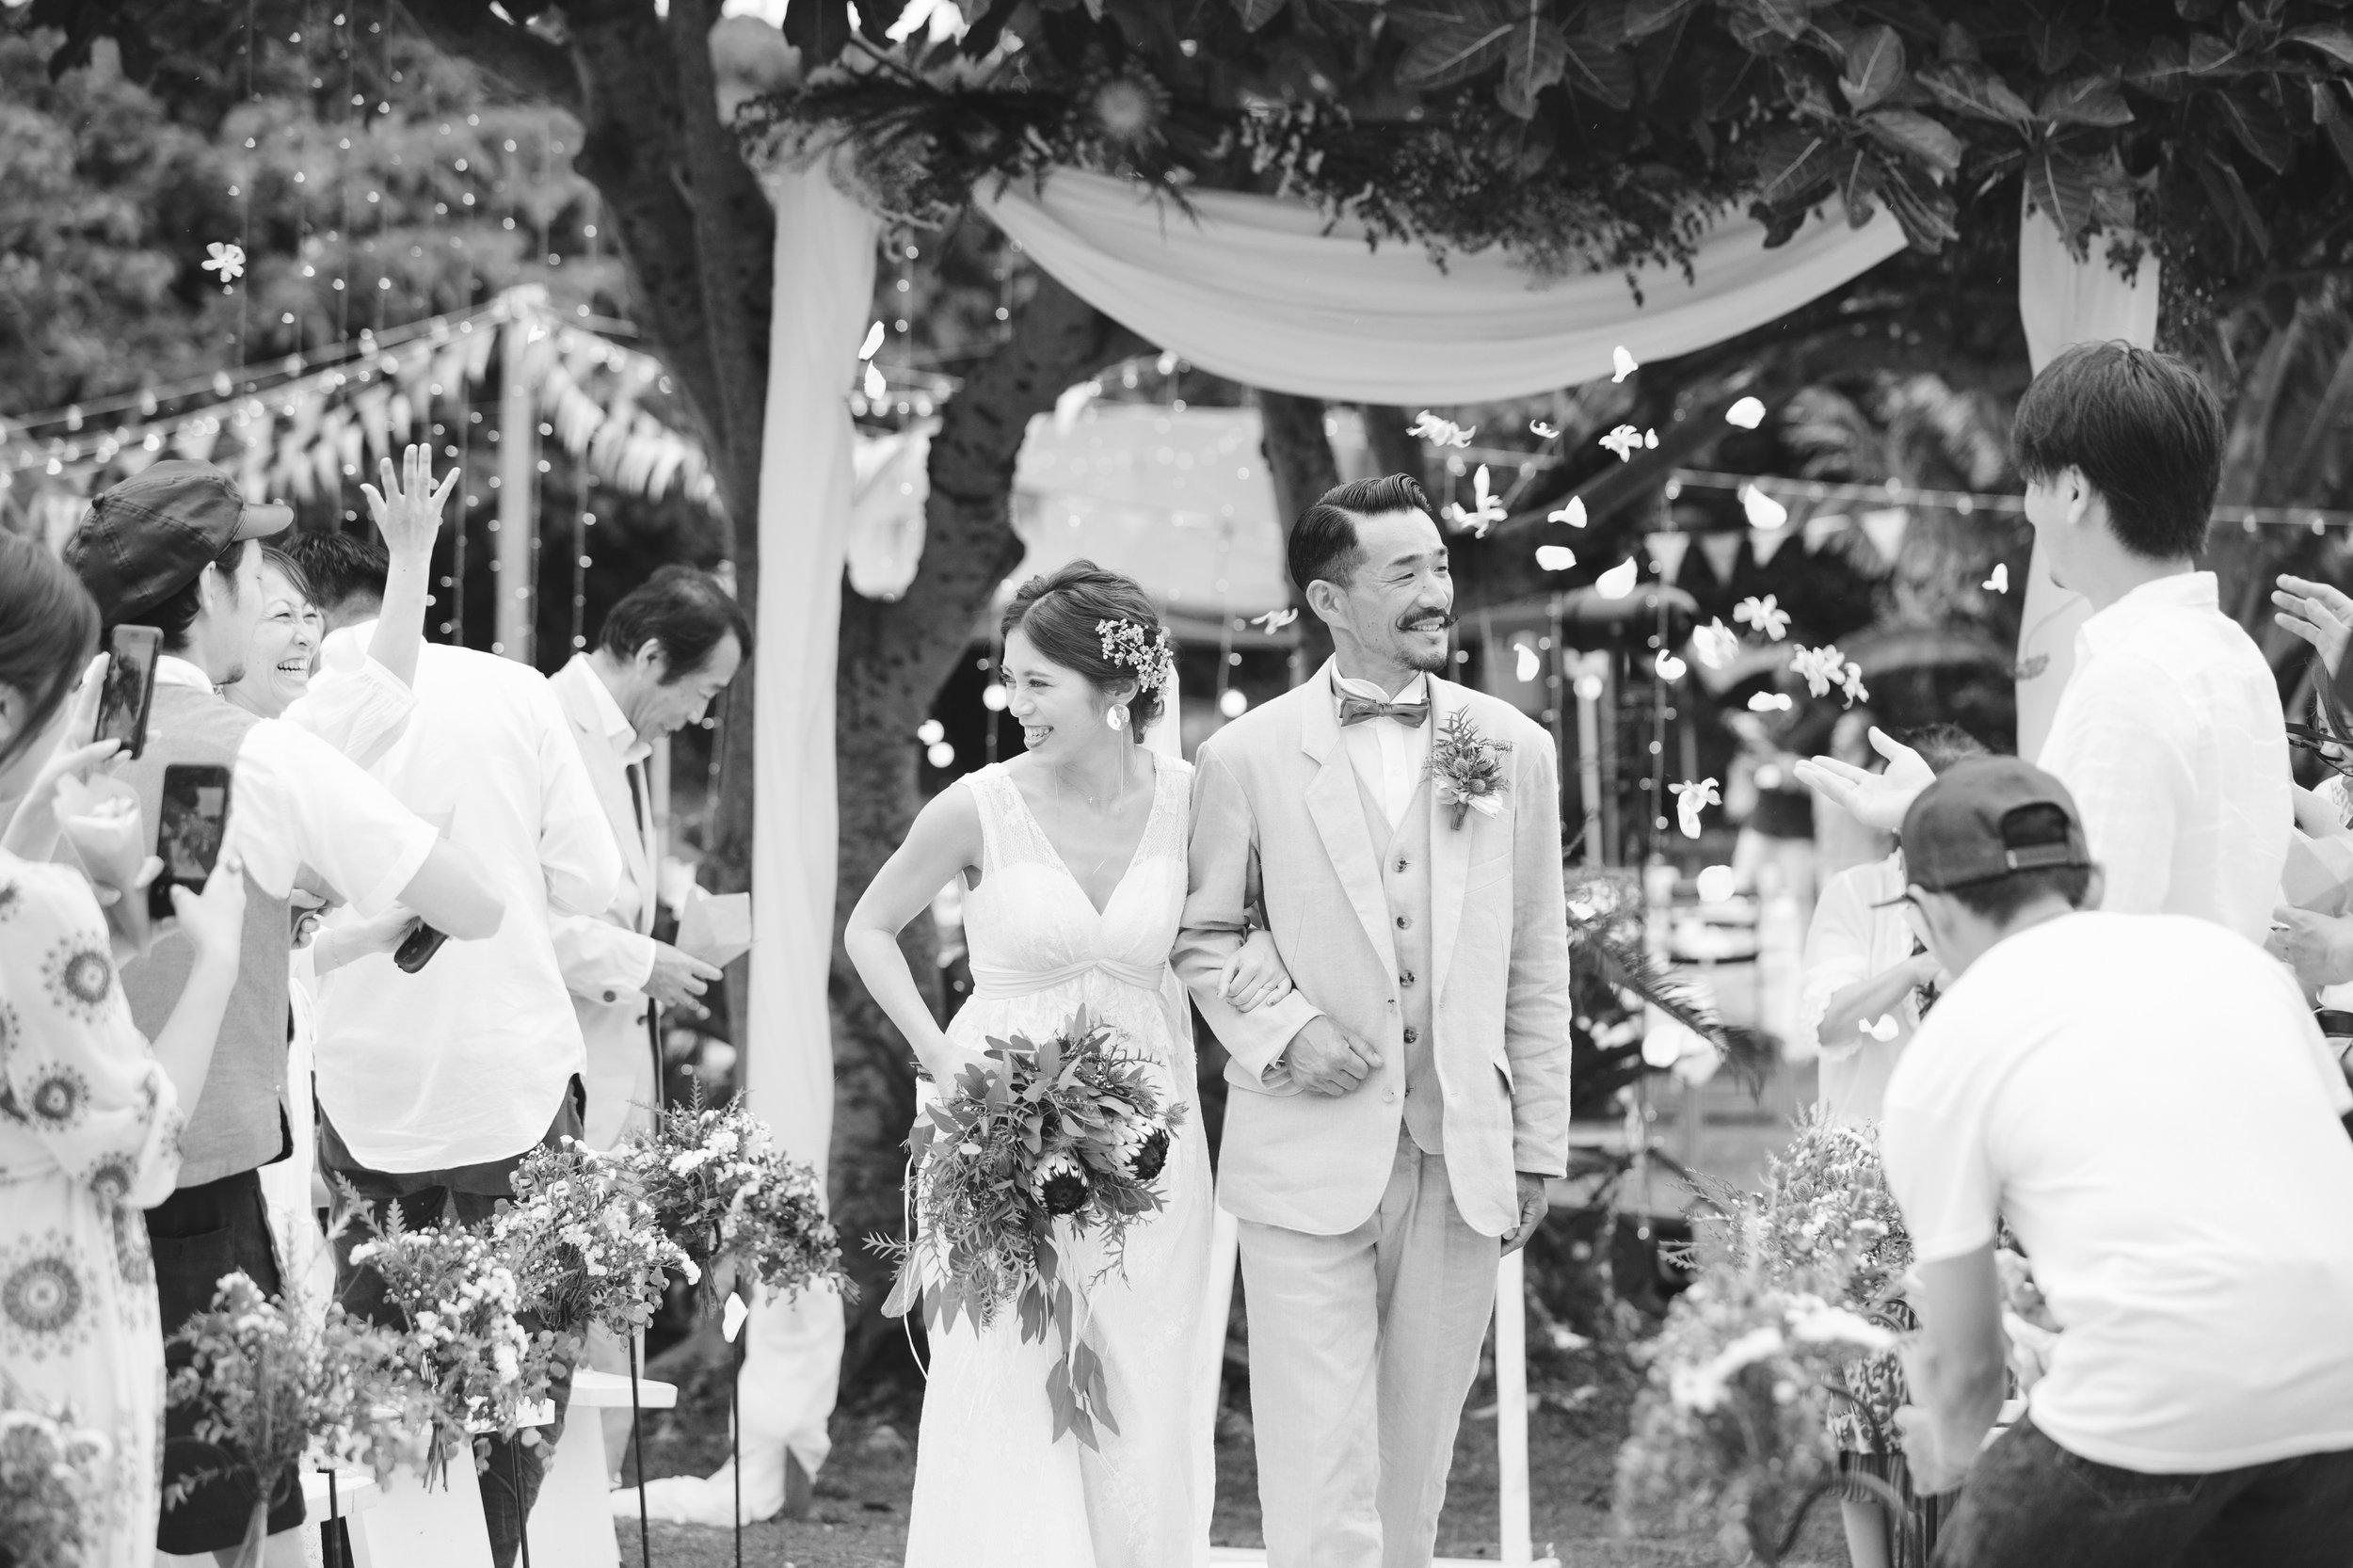 Wedding Day - お二人にとっても最大のビックイベント。お支度,挙式,パーティーまで結婚式当日の撮影です。